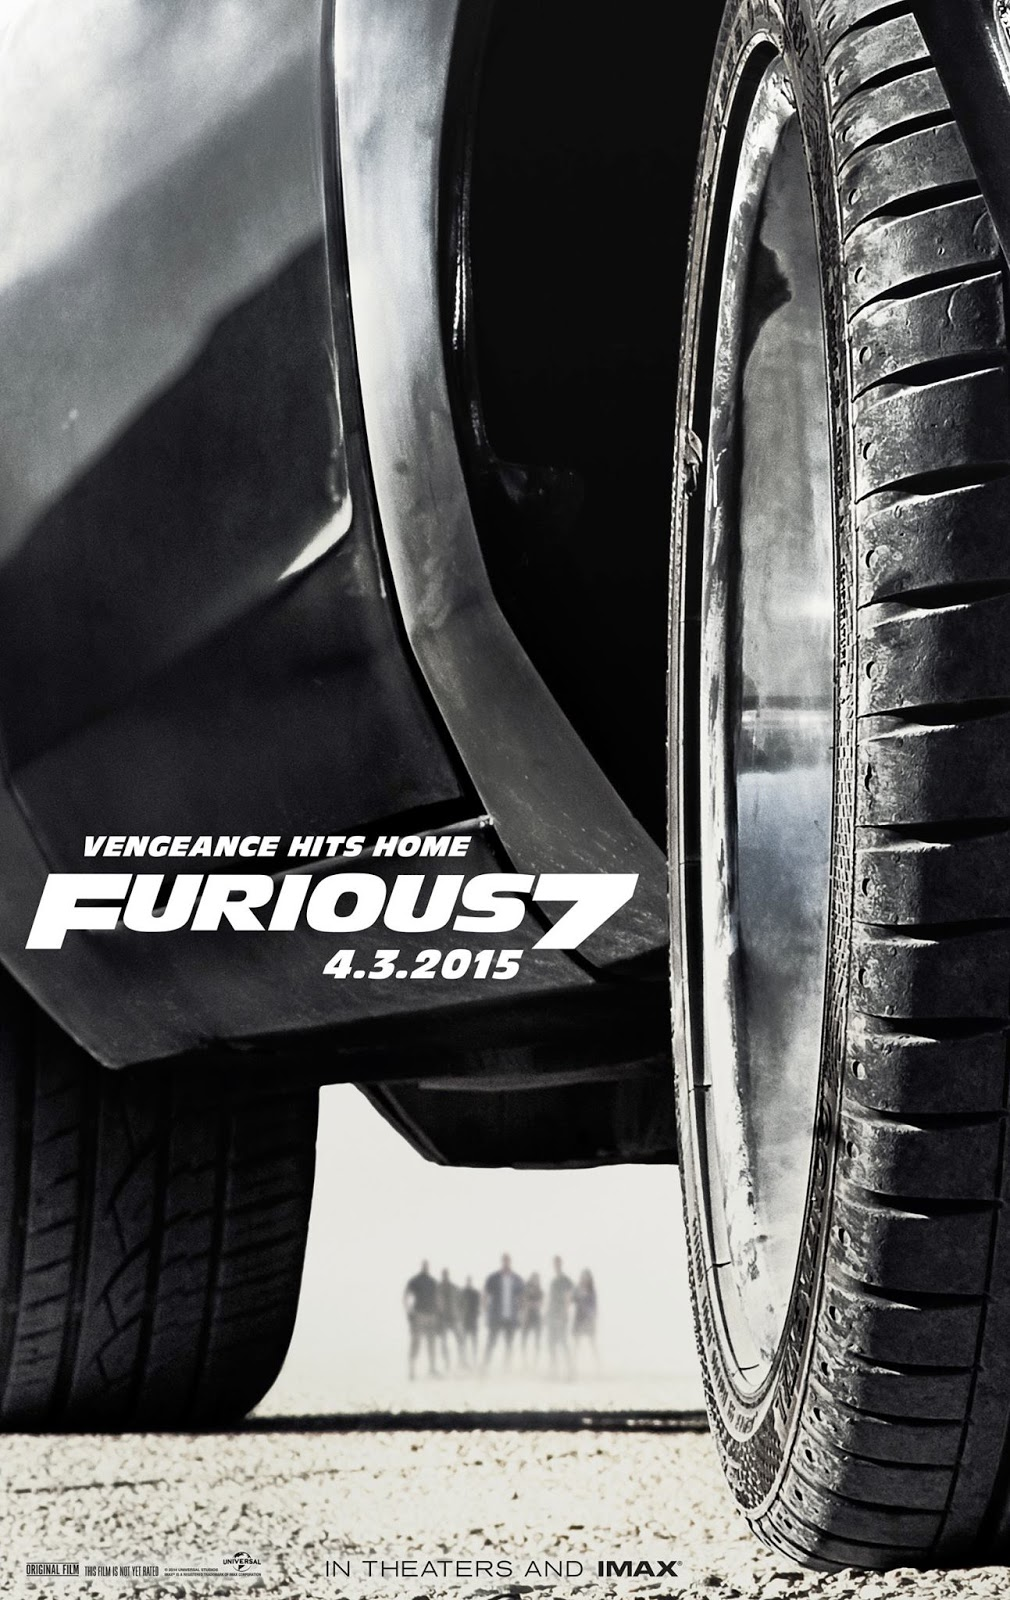 furious_7_02